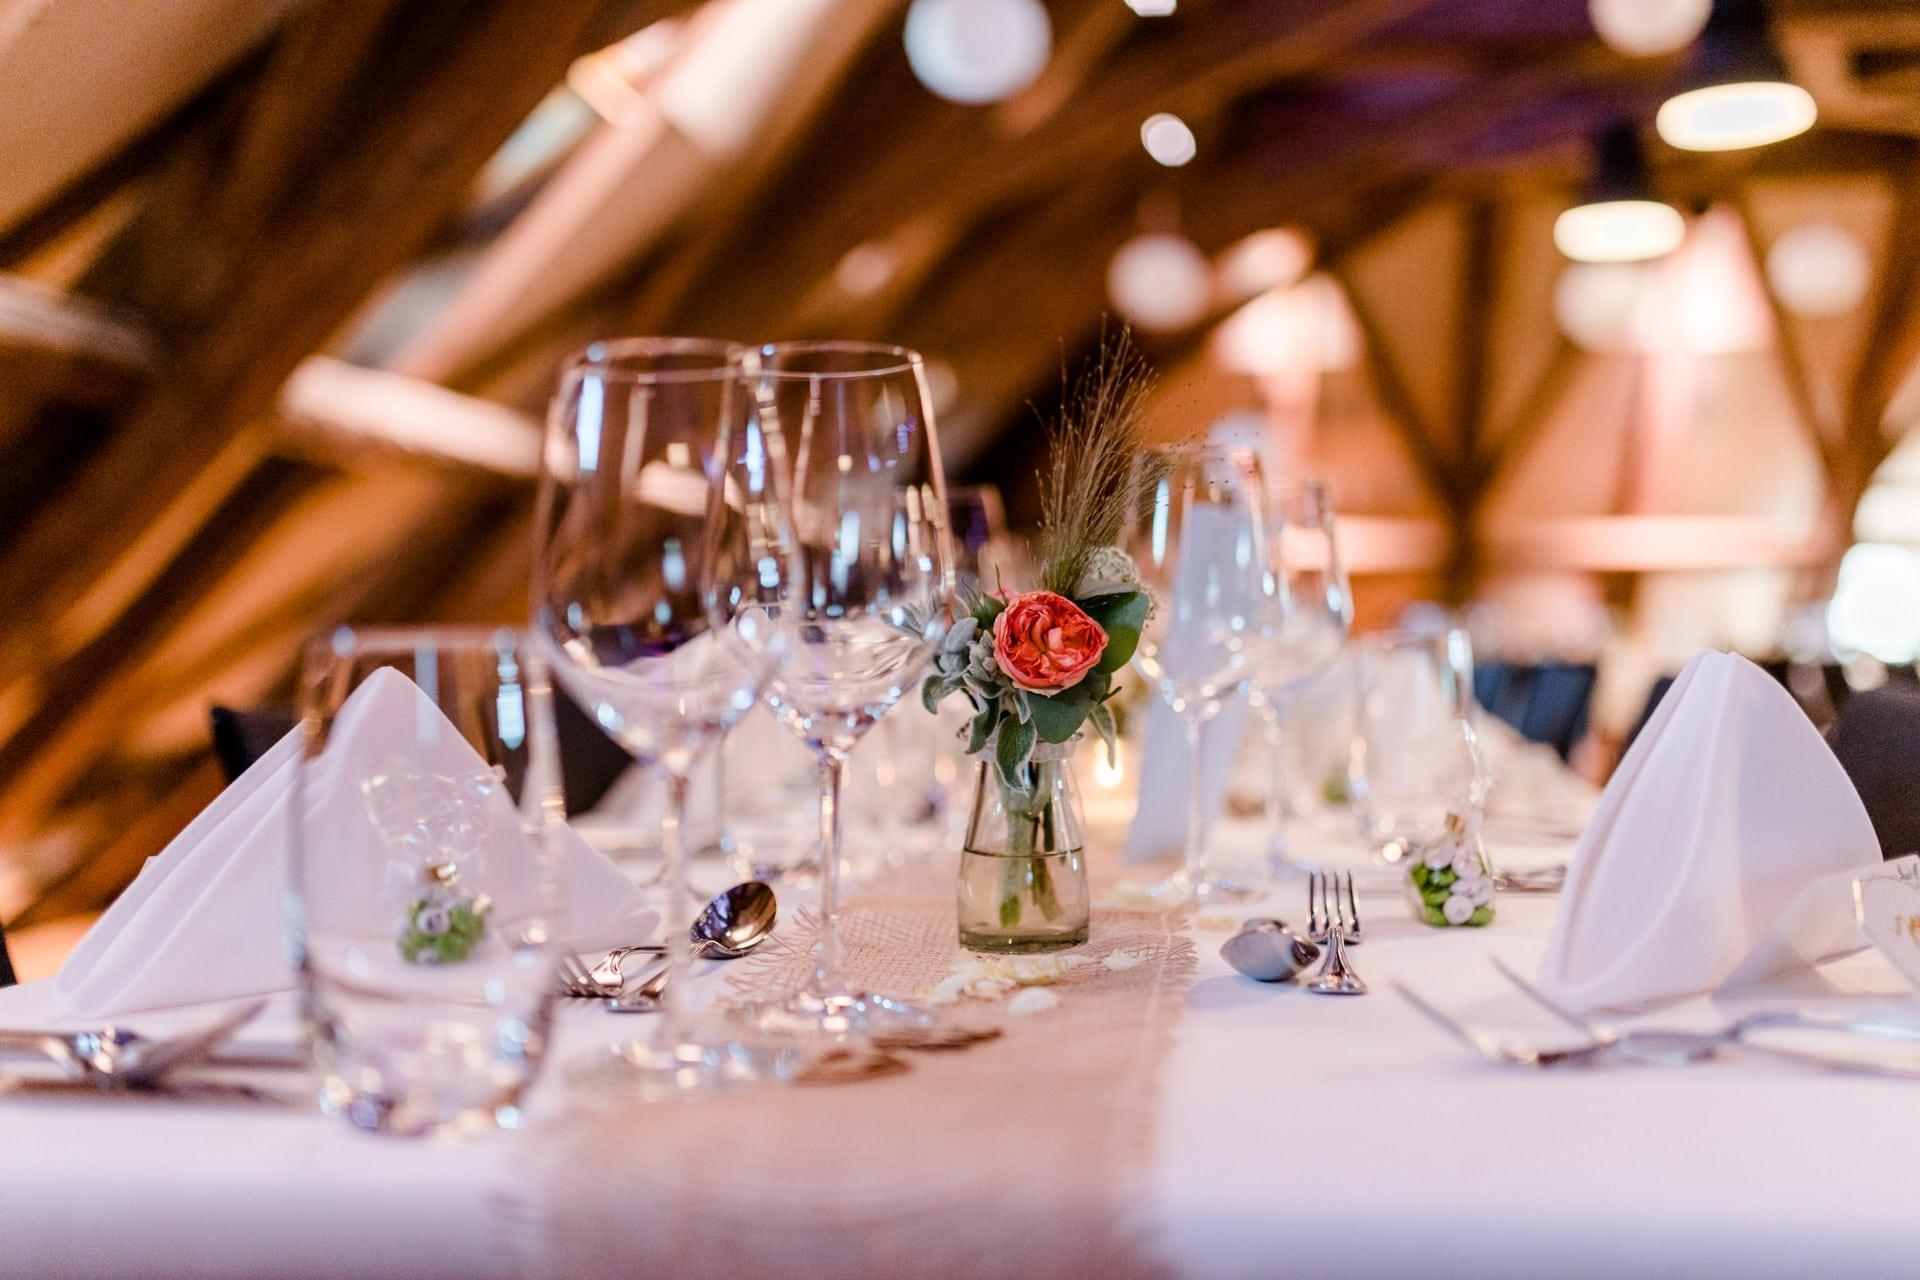 Festlich gedeckter Tisch in der Hochzeitslocation nahe Bern